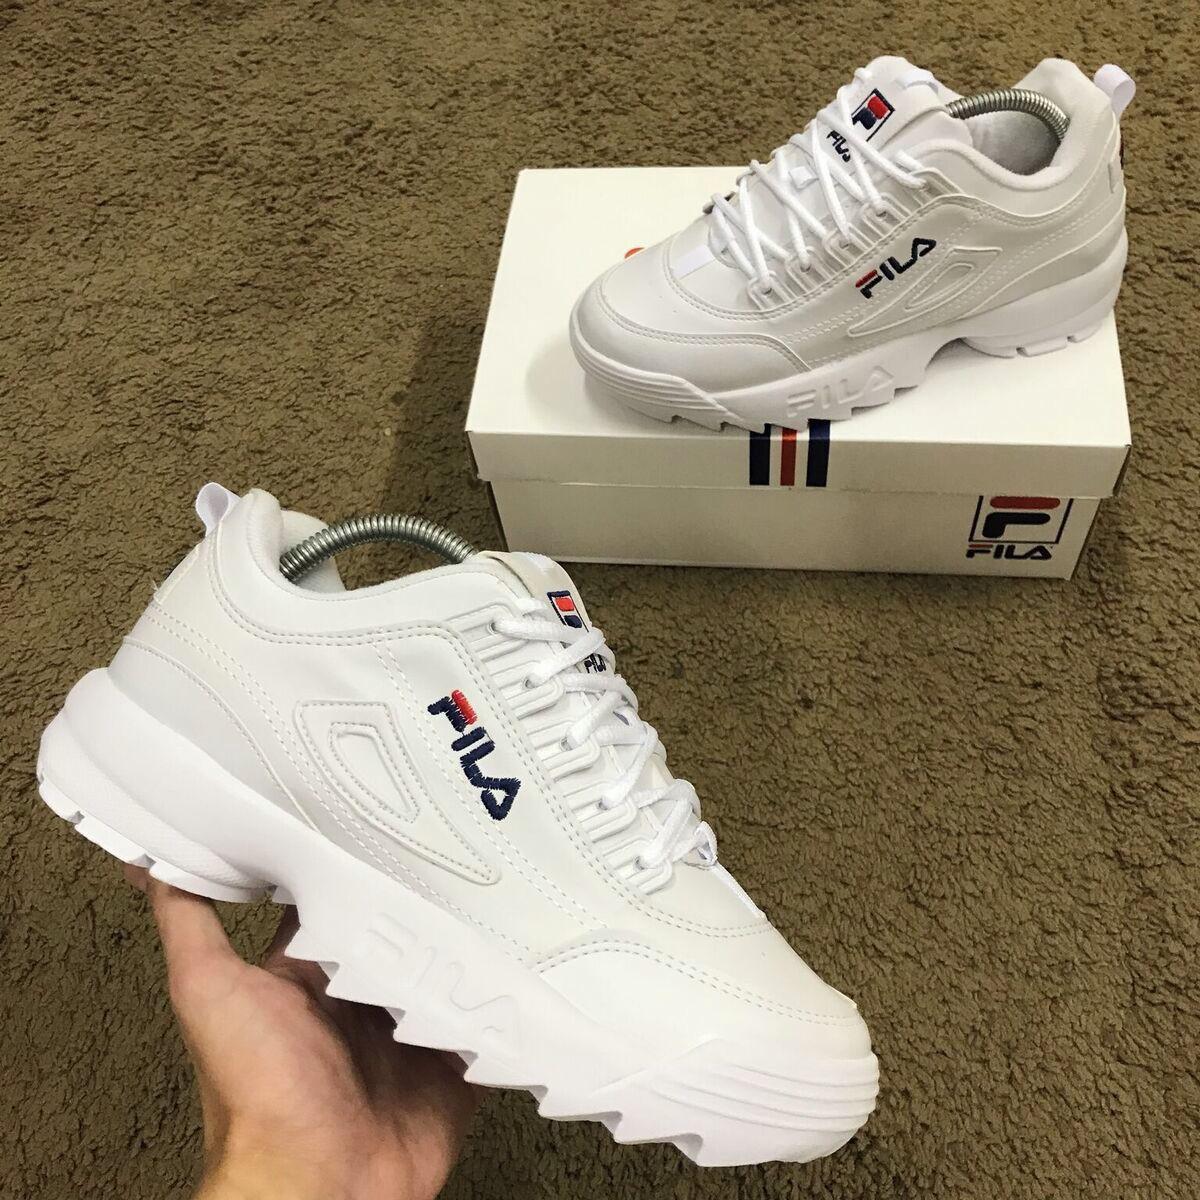 b55ac337f2cde Tênis Fila Disruptor Branco/preto Feminino Numeração 26ao 43 no Elo7 |  Aloha Shoes (F82498)